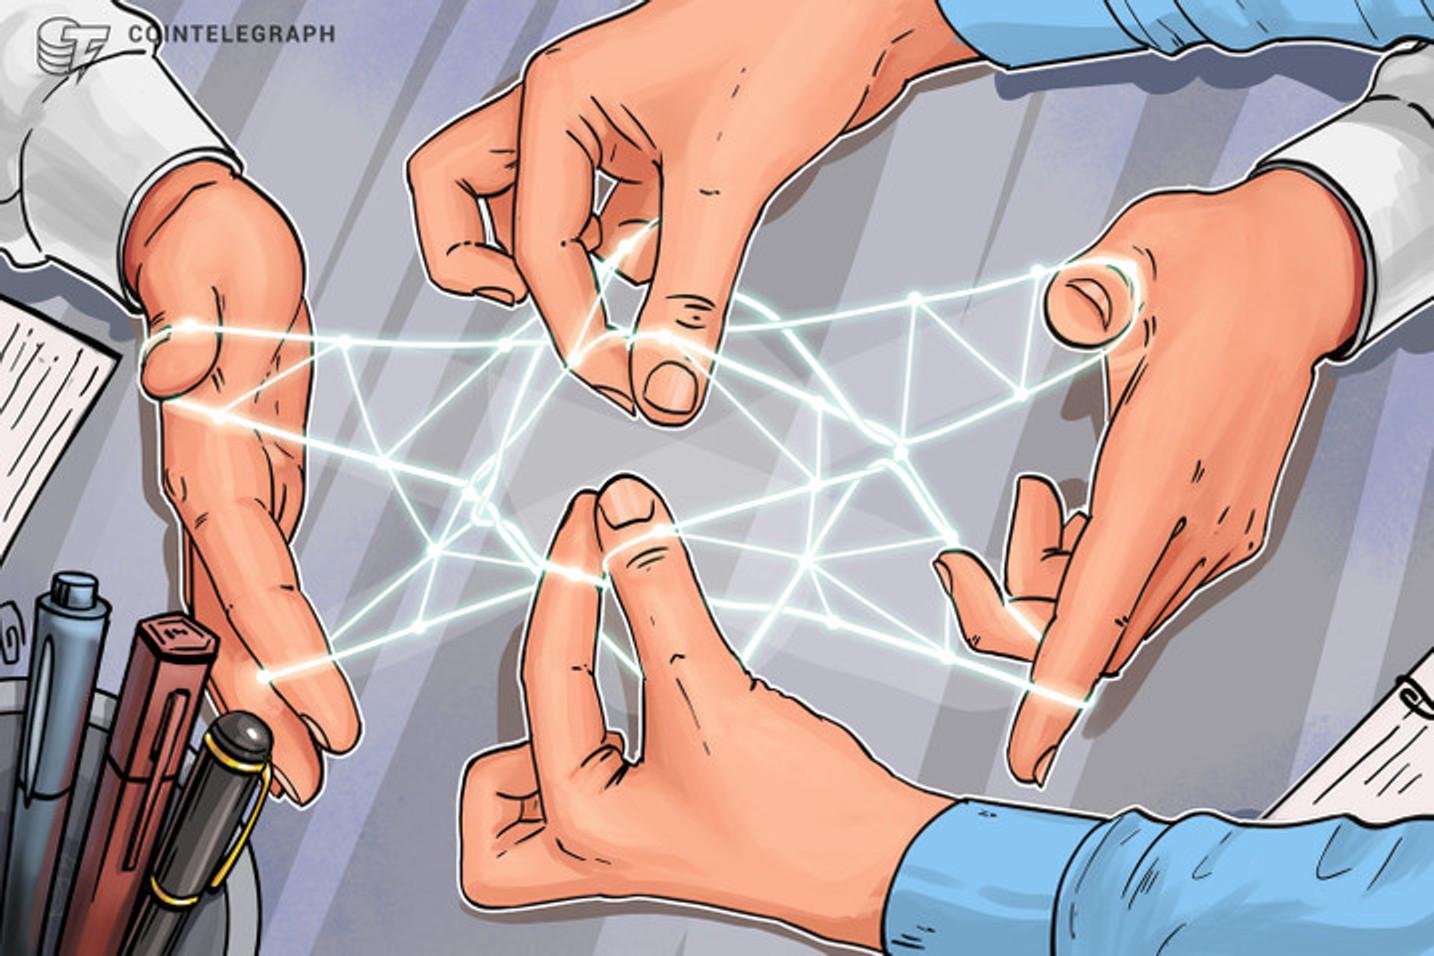 Em aplicação inédita, Bolsa de Valores do Brasil, começará a usar plataforma em blockchain